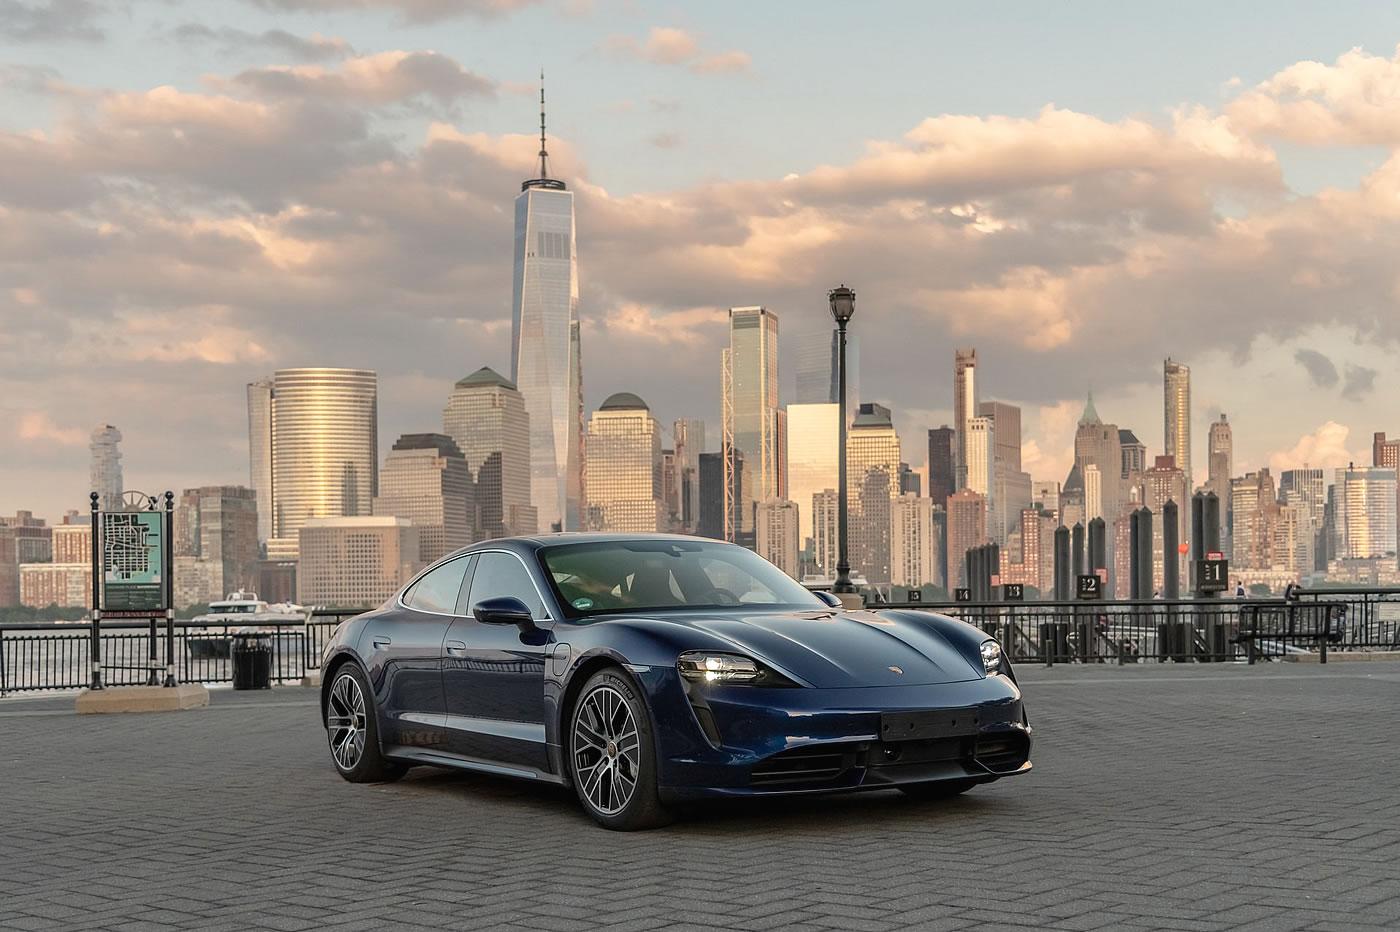 Porsche Taycan Manhattan